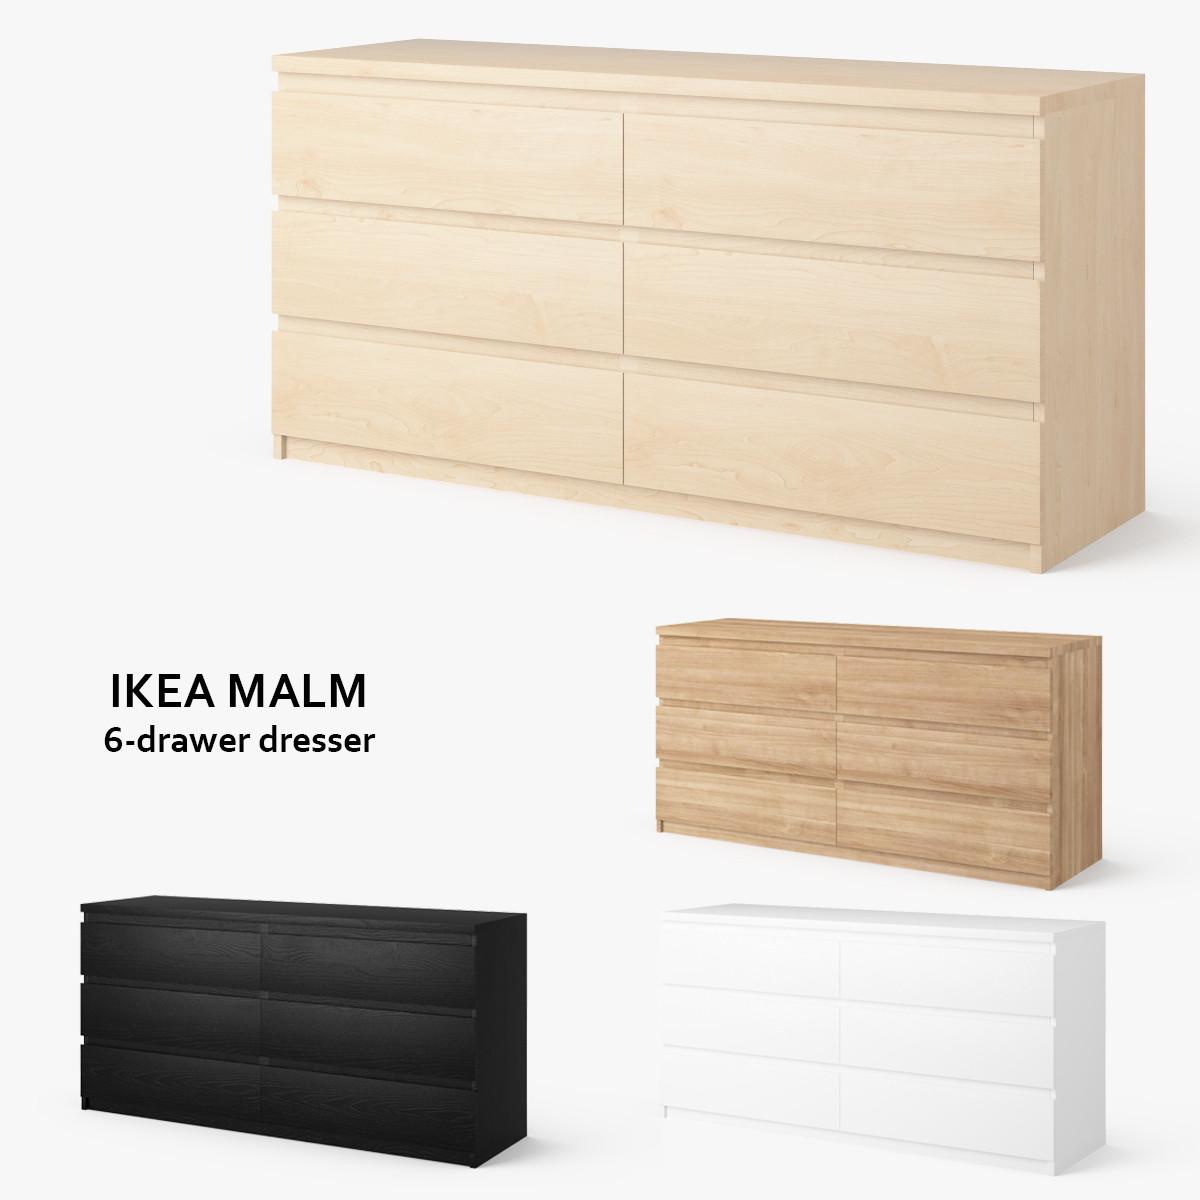 3ds max ikea malm 6 drawer dresser. Black Bedroom Furniture Sets. Home Design Ideas